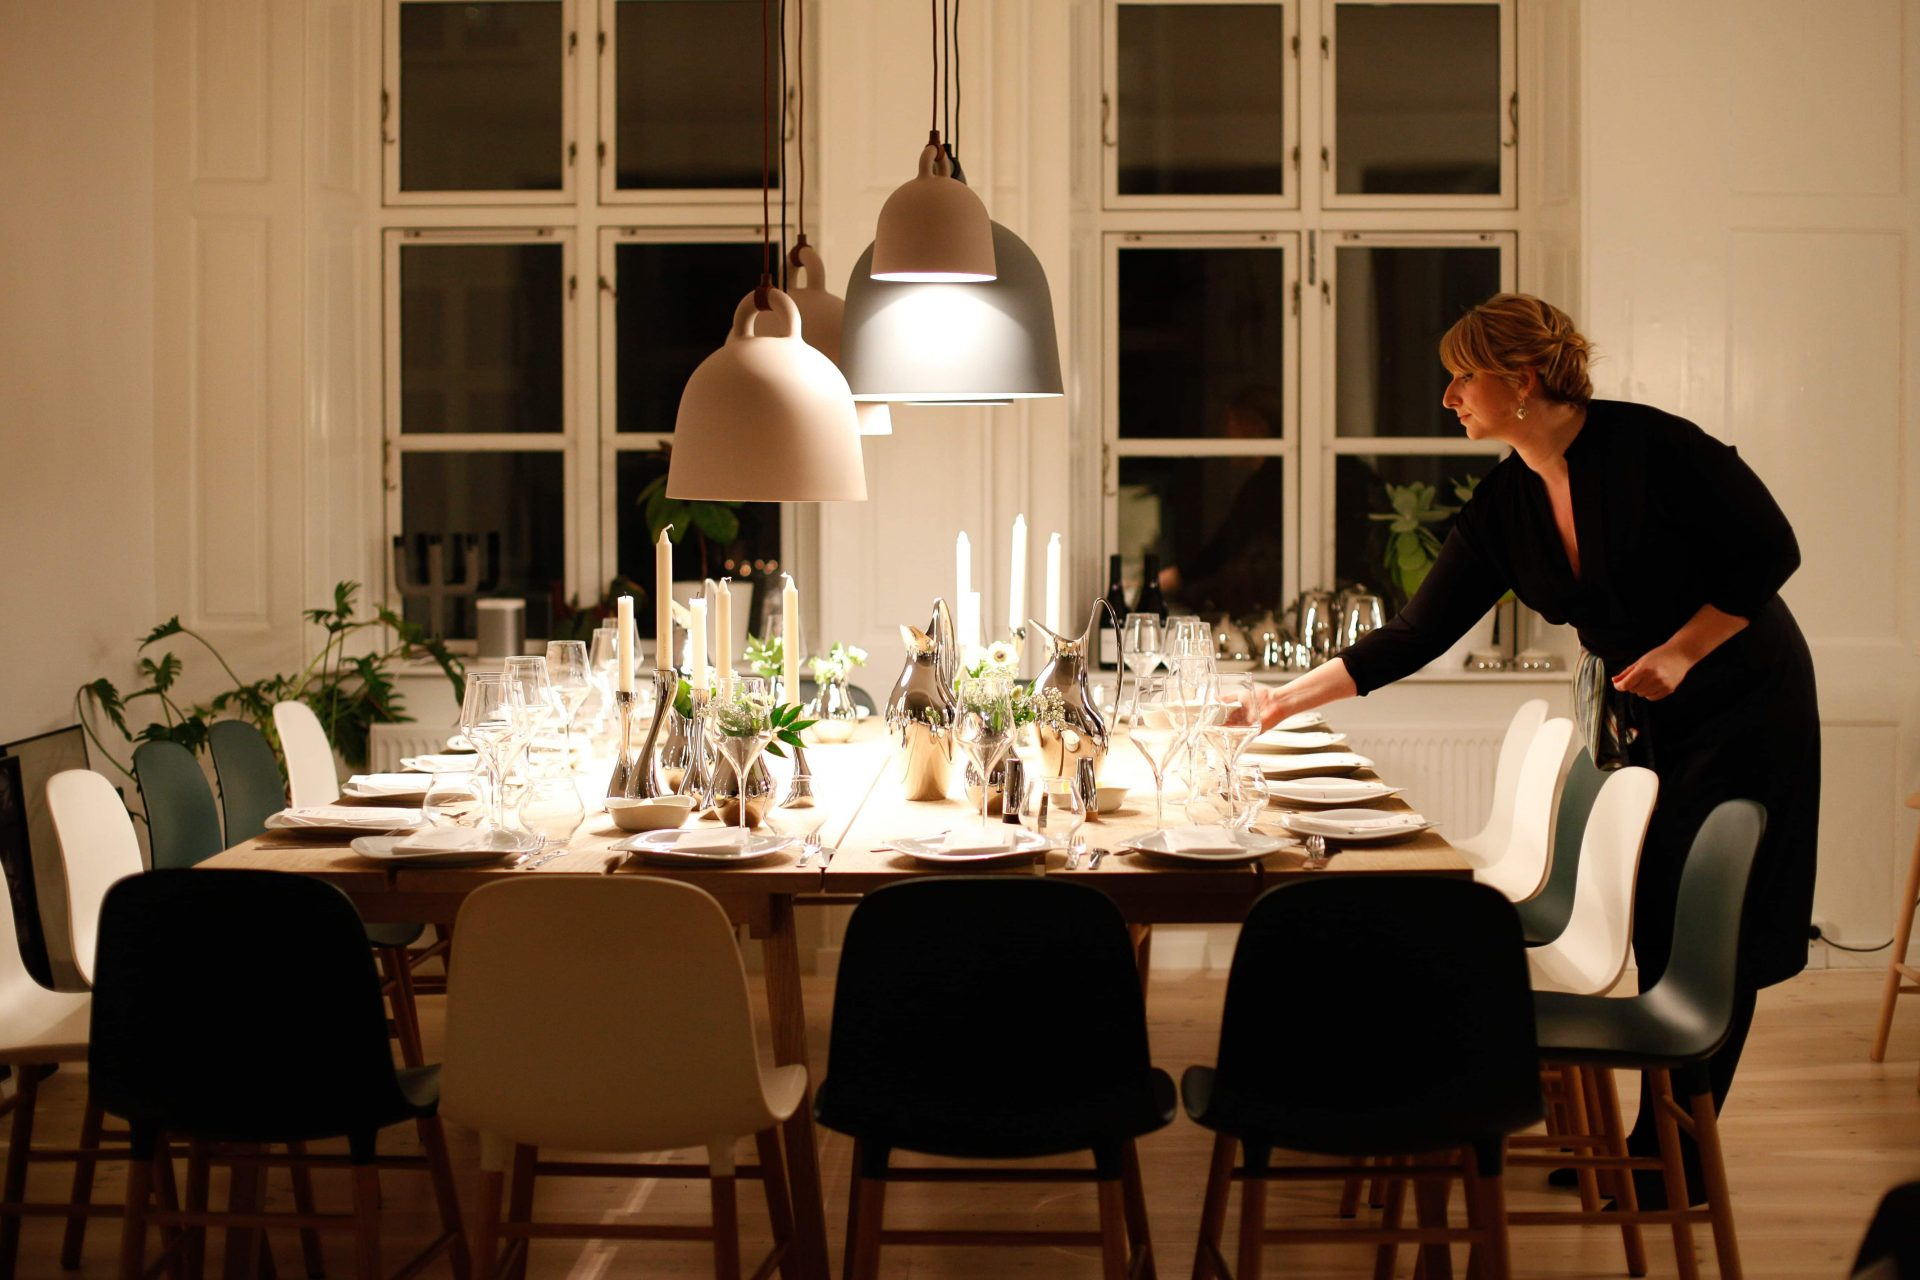 Preparare la tavola